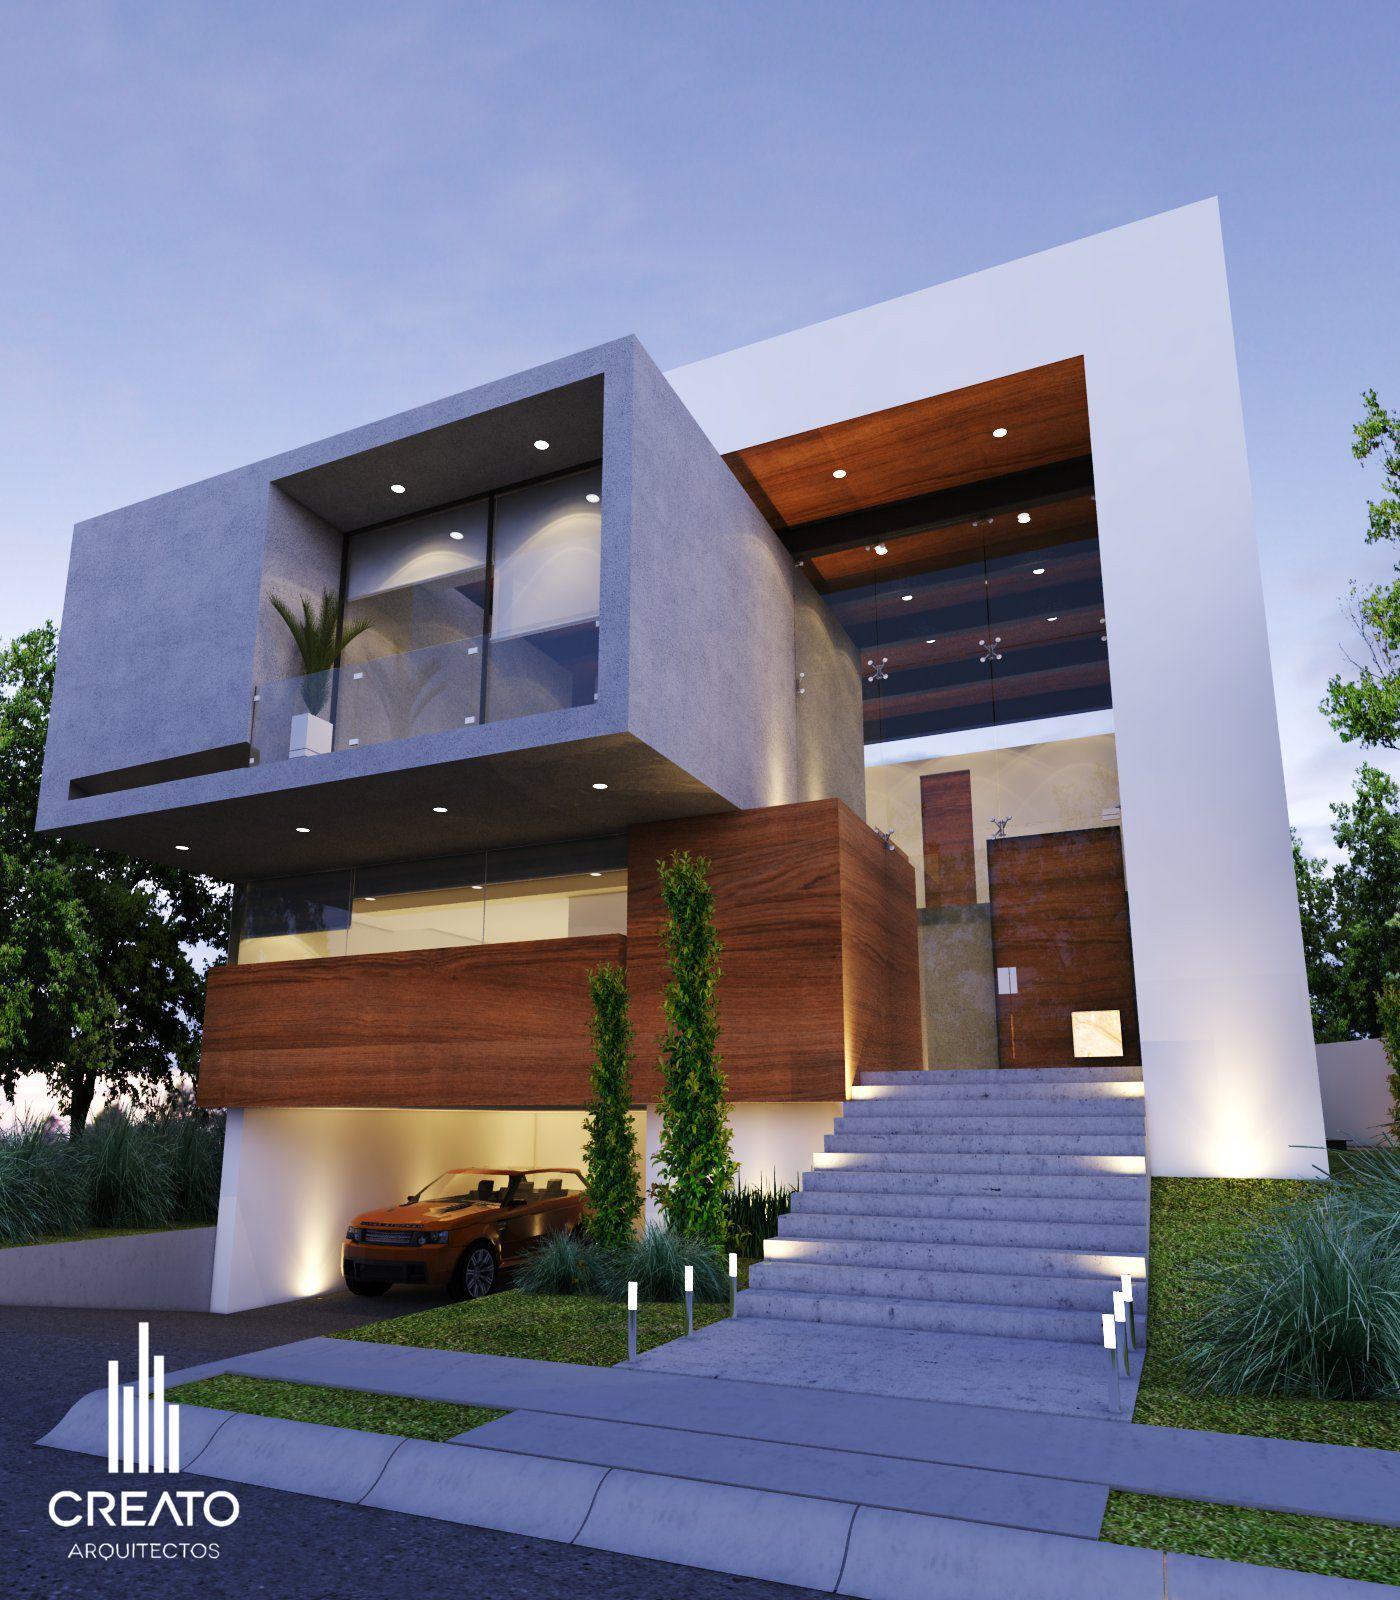 Casa campo lago creato arquitectos arquiyeah - Casas de arquitectos ...